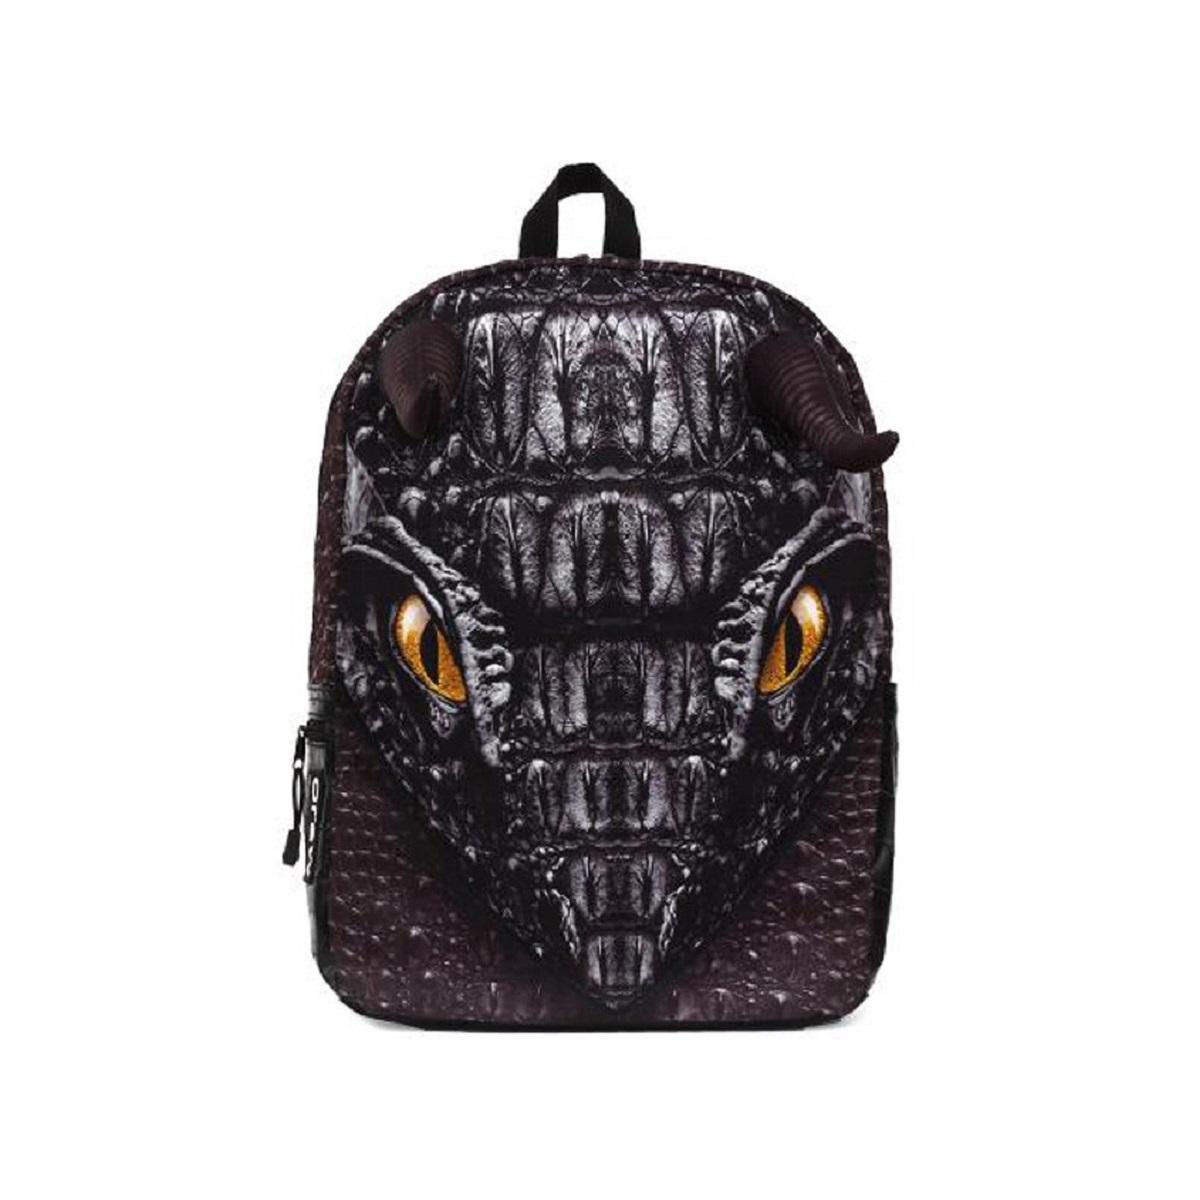 Рюкзак молодежный Mojo Black Dragon, цвет: черный, 20 лRU-518-4/2Оригинальный рюкзак в виде морды дракона с сияющими глазами. Отличает этот рюкзак торчащие рога, которые придают этому рюкзаку реалистичность и креатив.